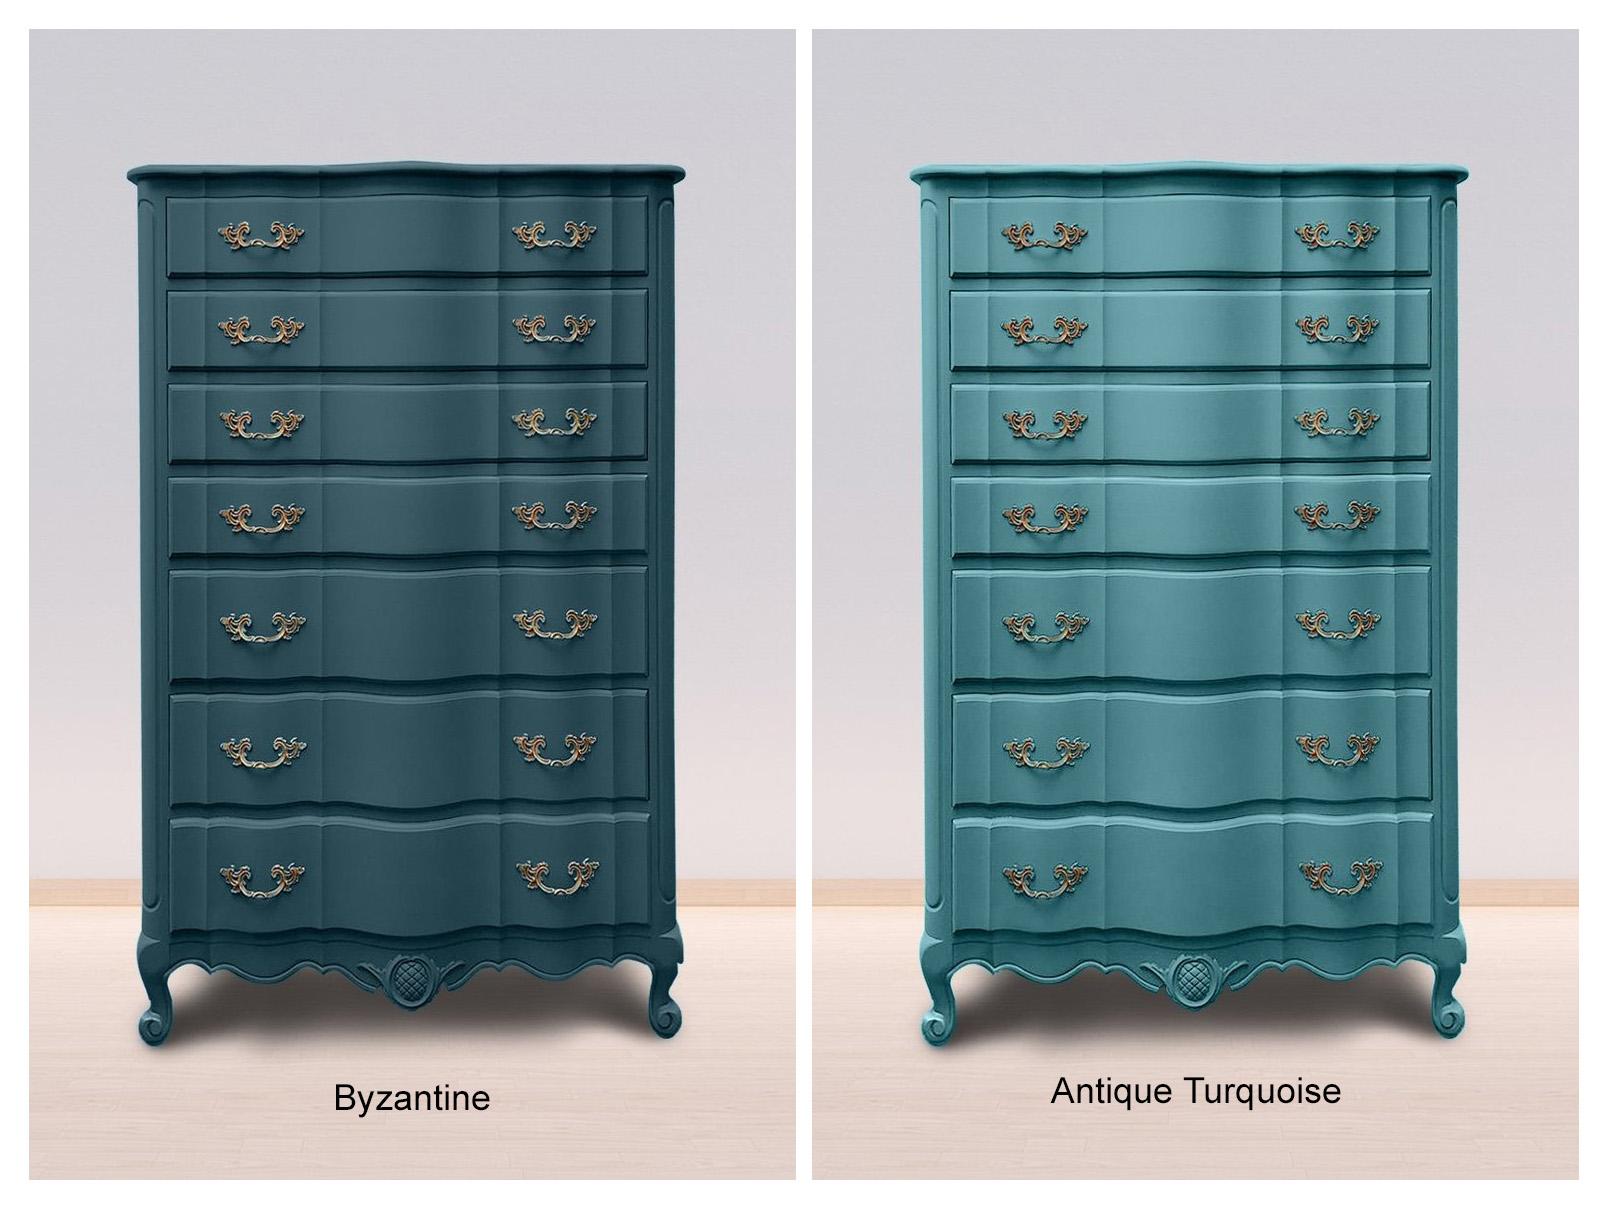 Byzantine & Antique Turquoise